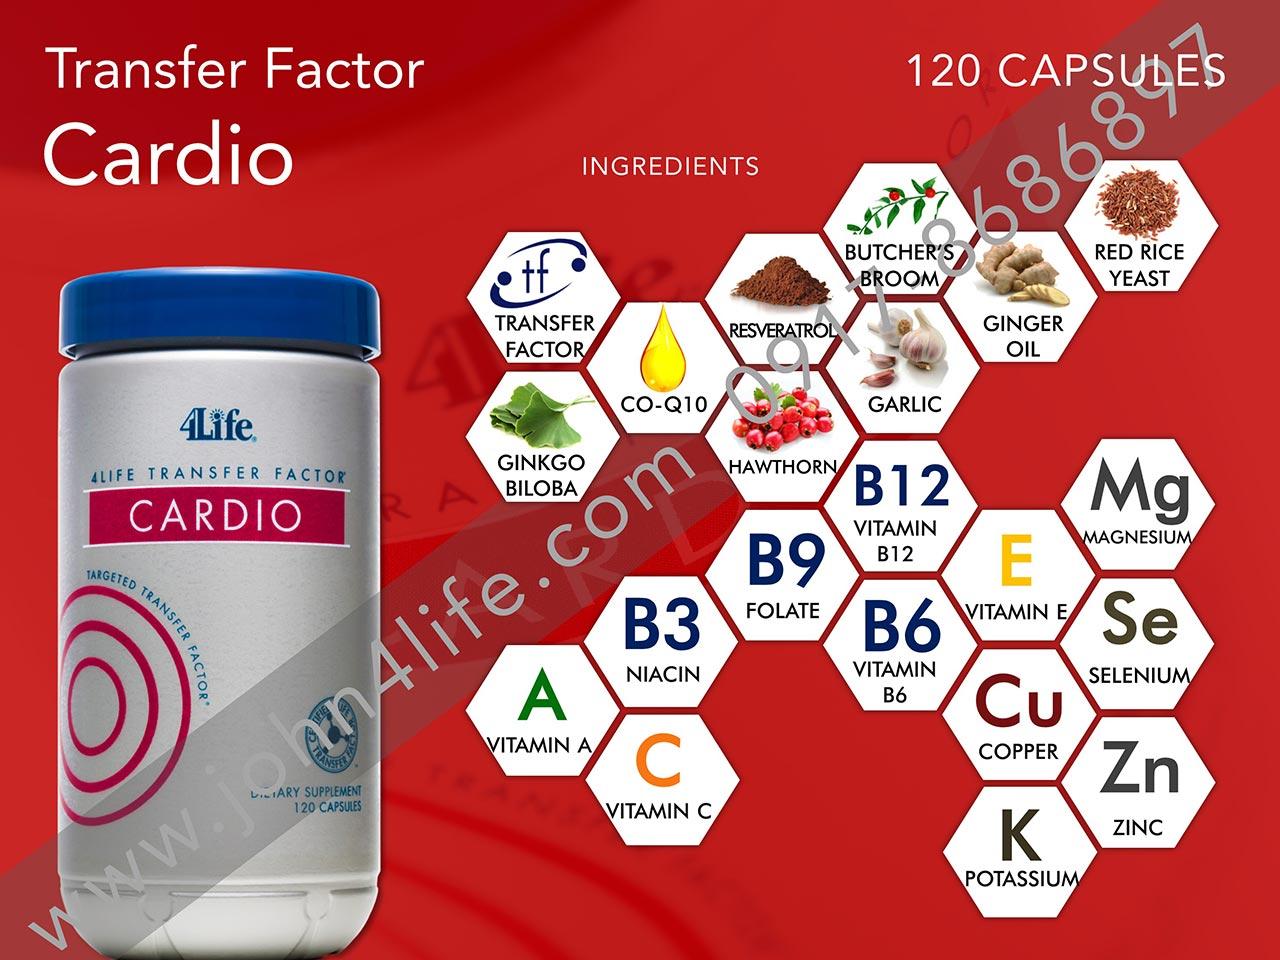 heart, brain, supplement, multivitamins, herbal